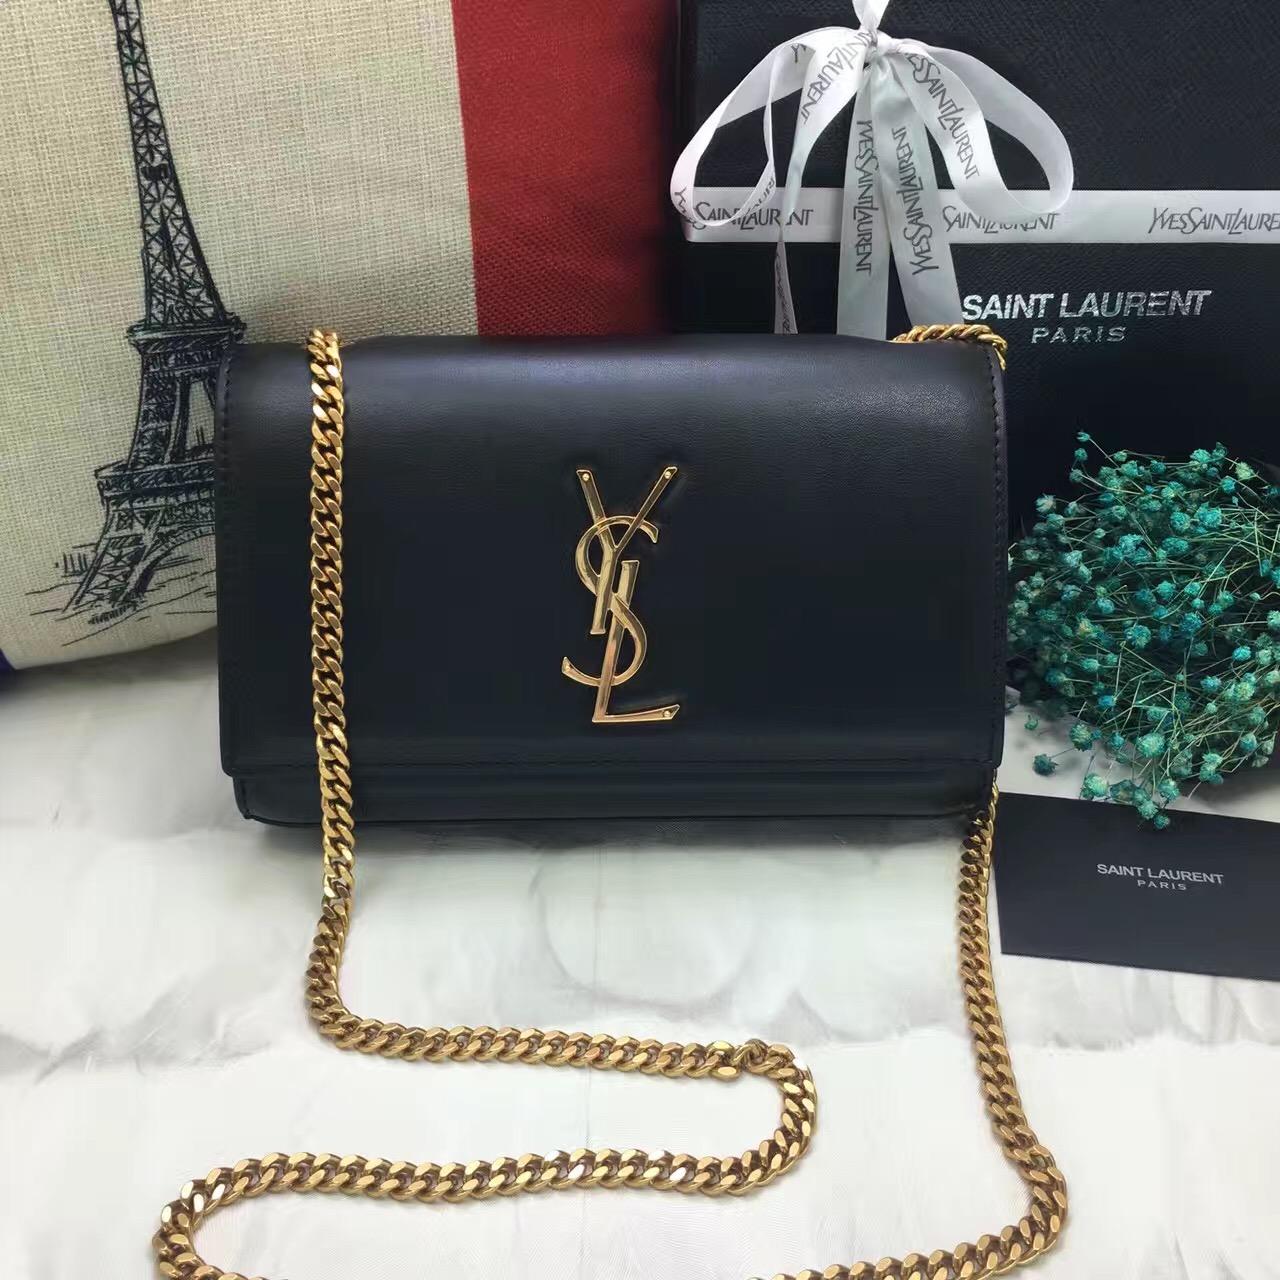 97a481cc17df YSL Smooth Leather Chain Bag 22cm Black Gold  RH1018    Buy replica ...